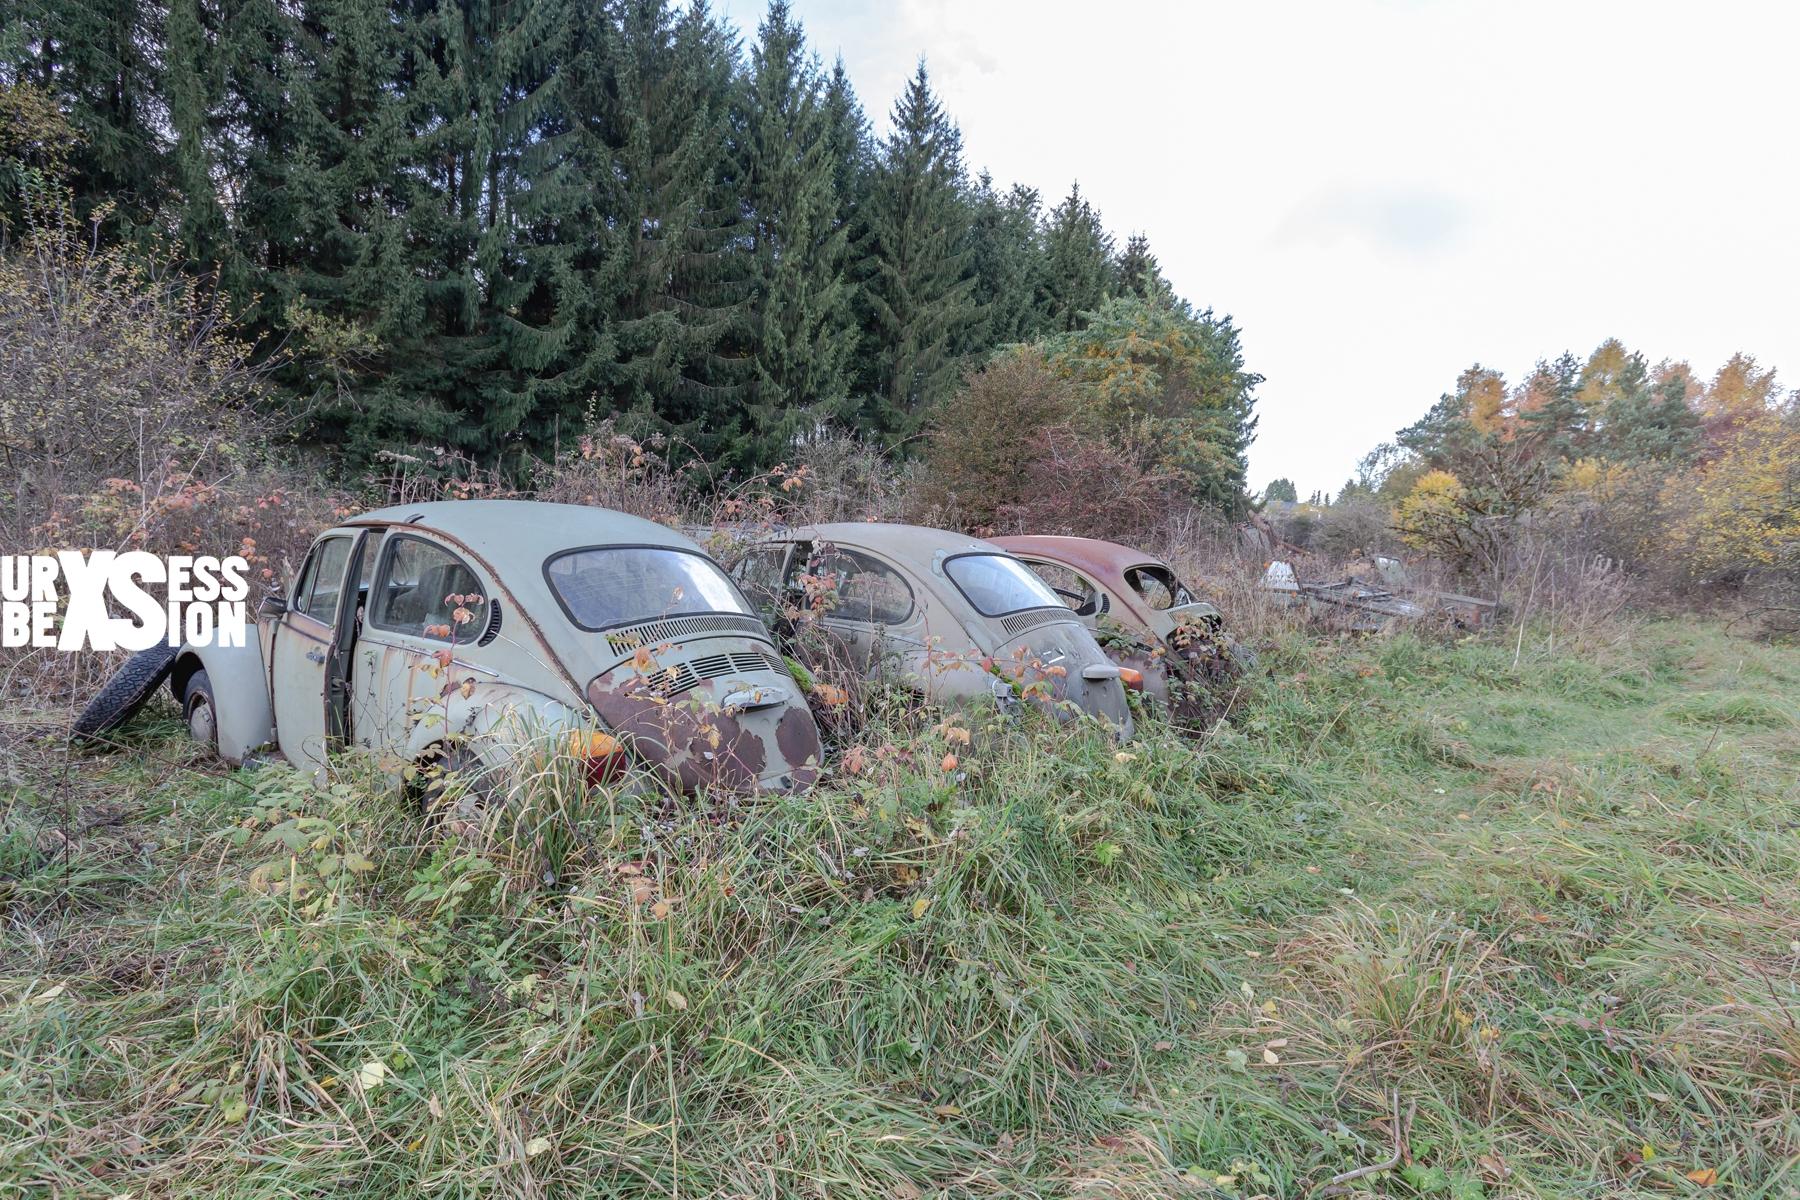 Cemetery of vehicles in Belgium : https://urbexsession.com/en/cemetery-of-vehicles-fritzl